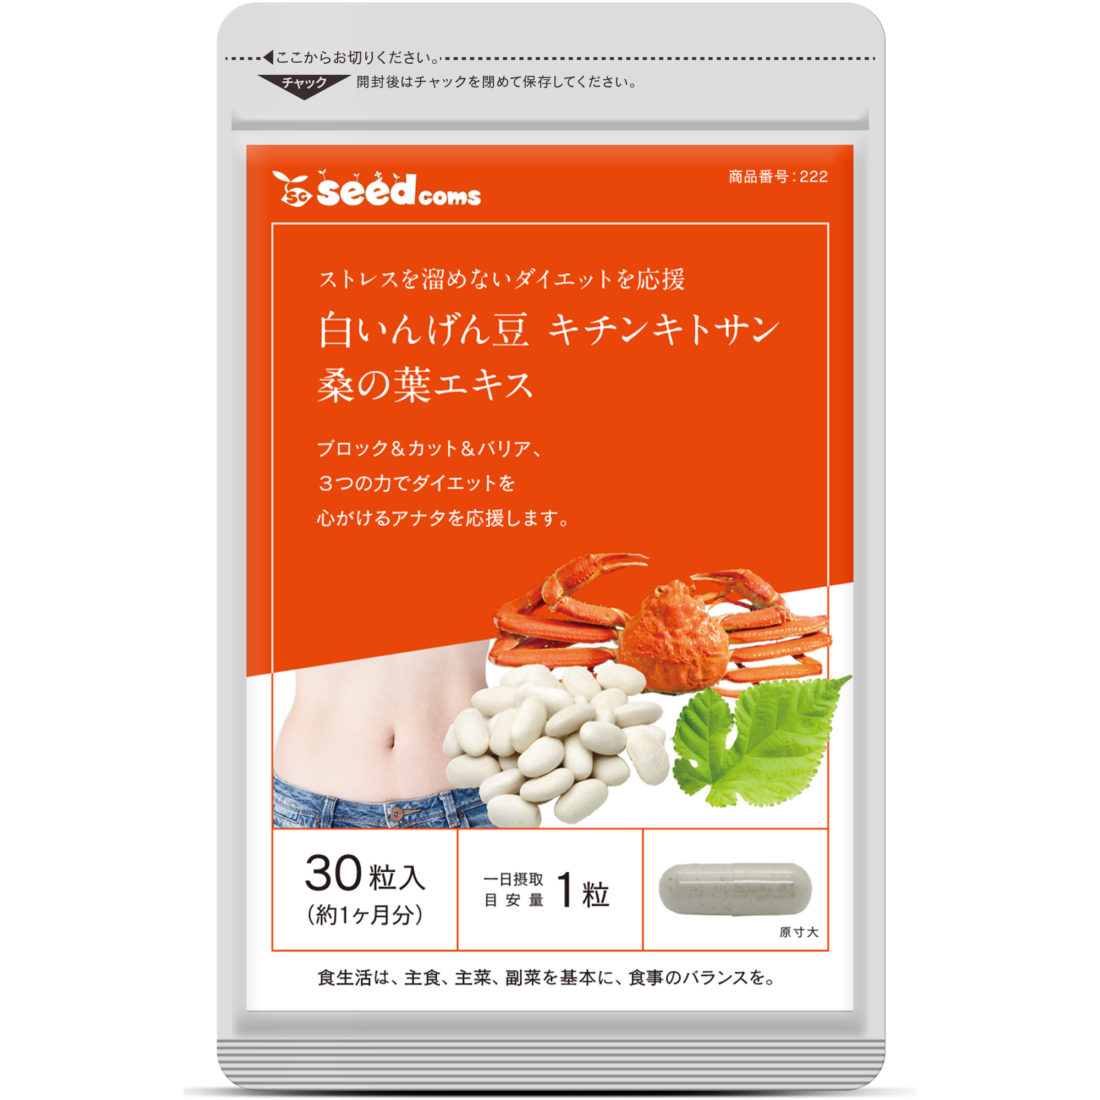 白いんげん シードコムス seedcoms